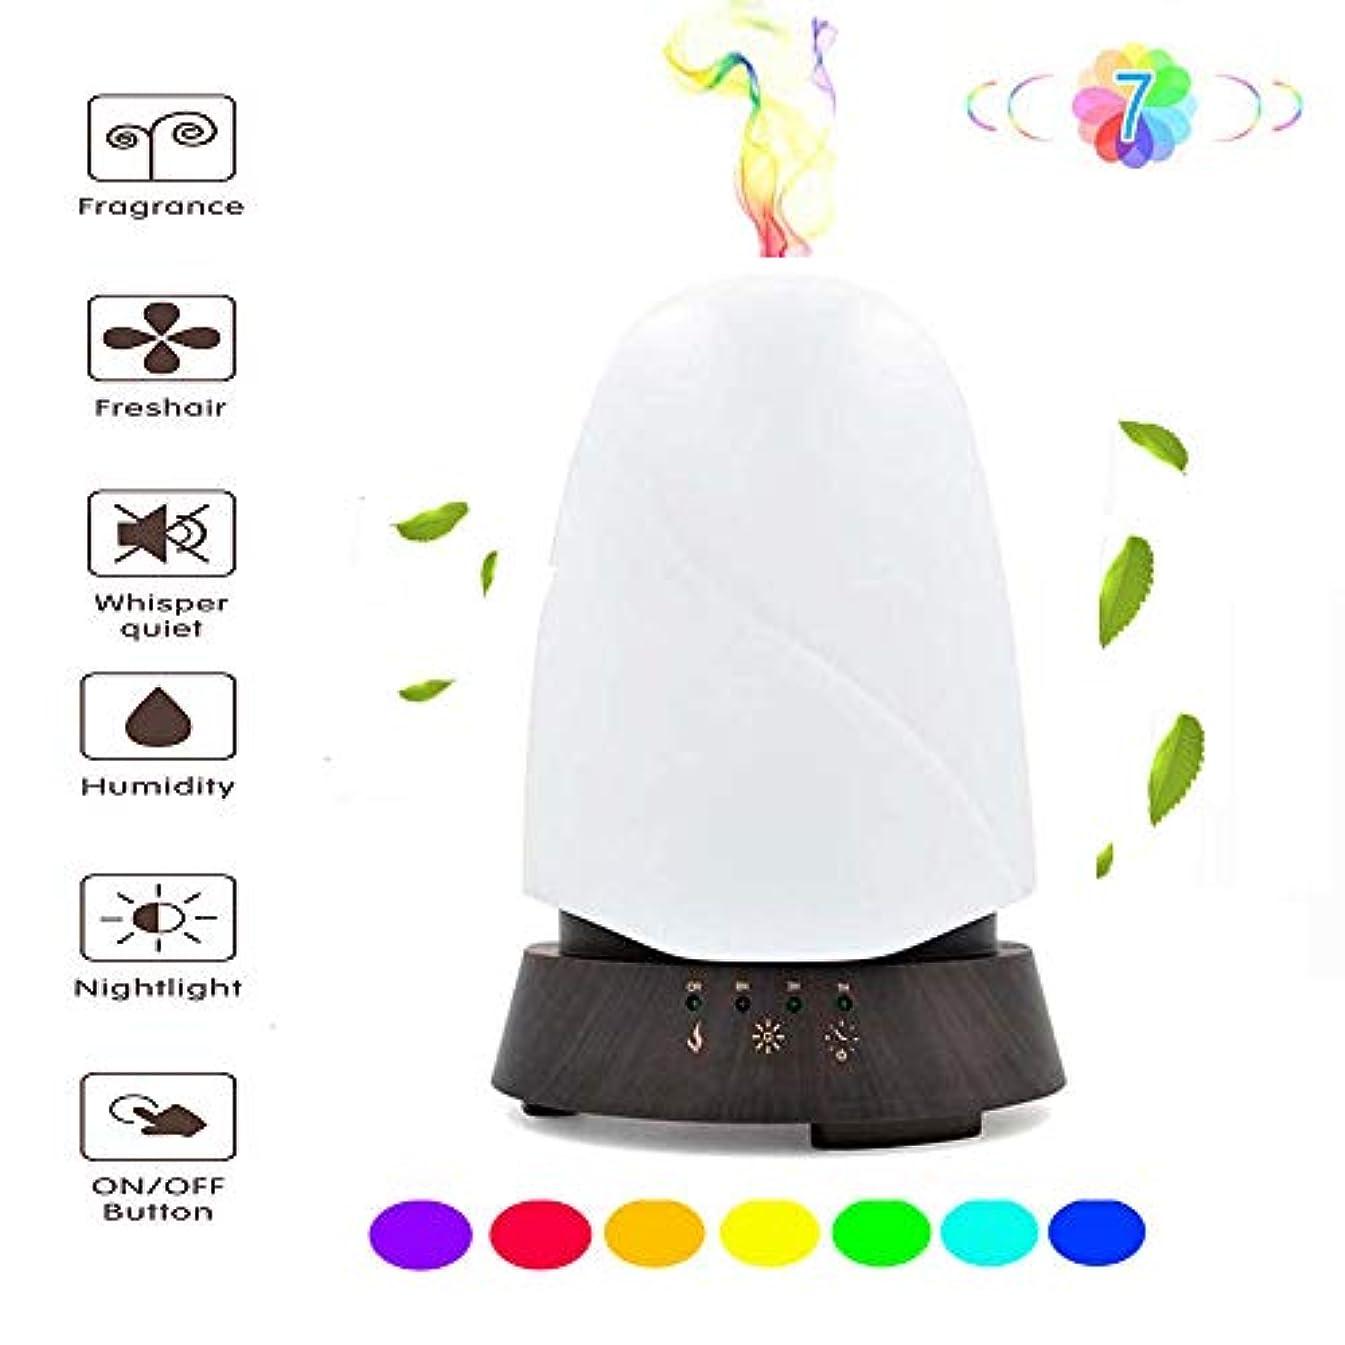 ポケット思いやりクリップ蝶350mlエッセンシャルオイルディフューザー - 超音波アロマ加湿器 - クールスプレー、自動閉水、静かなささやき、7色LEDライト付き